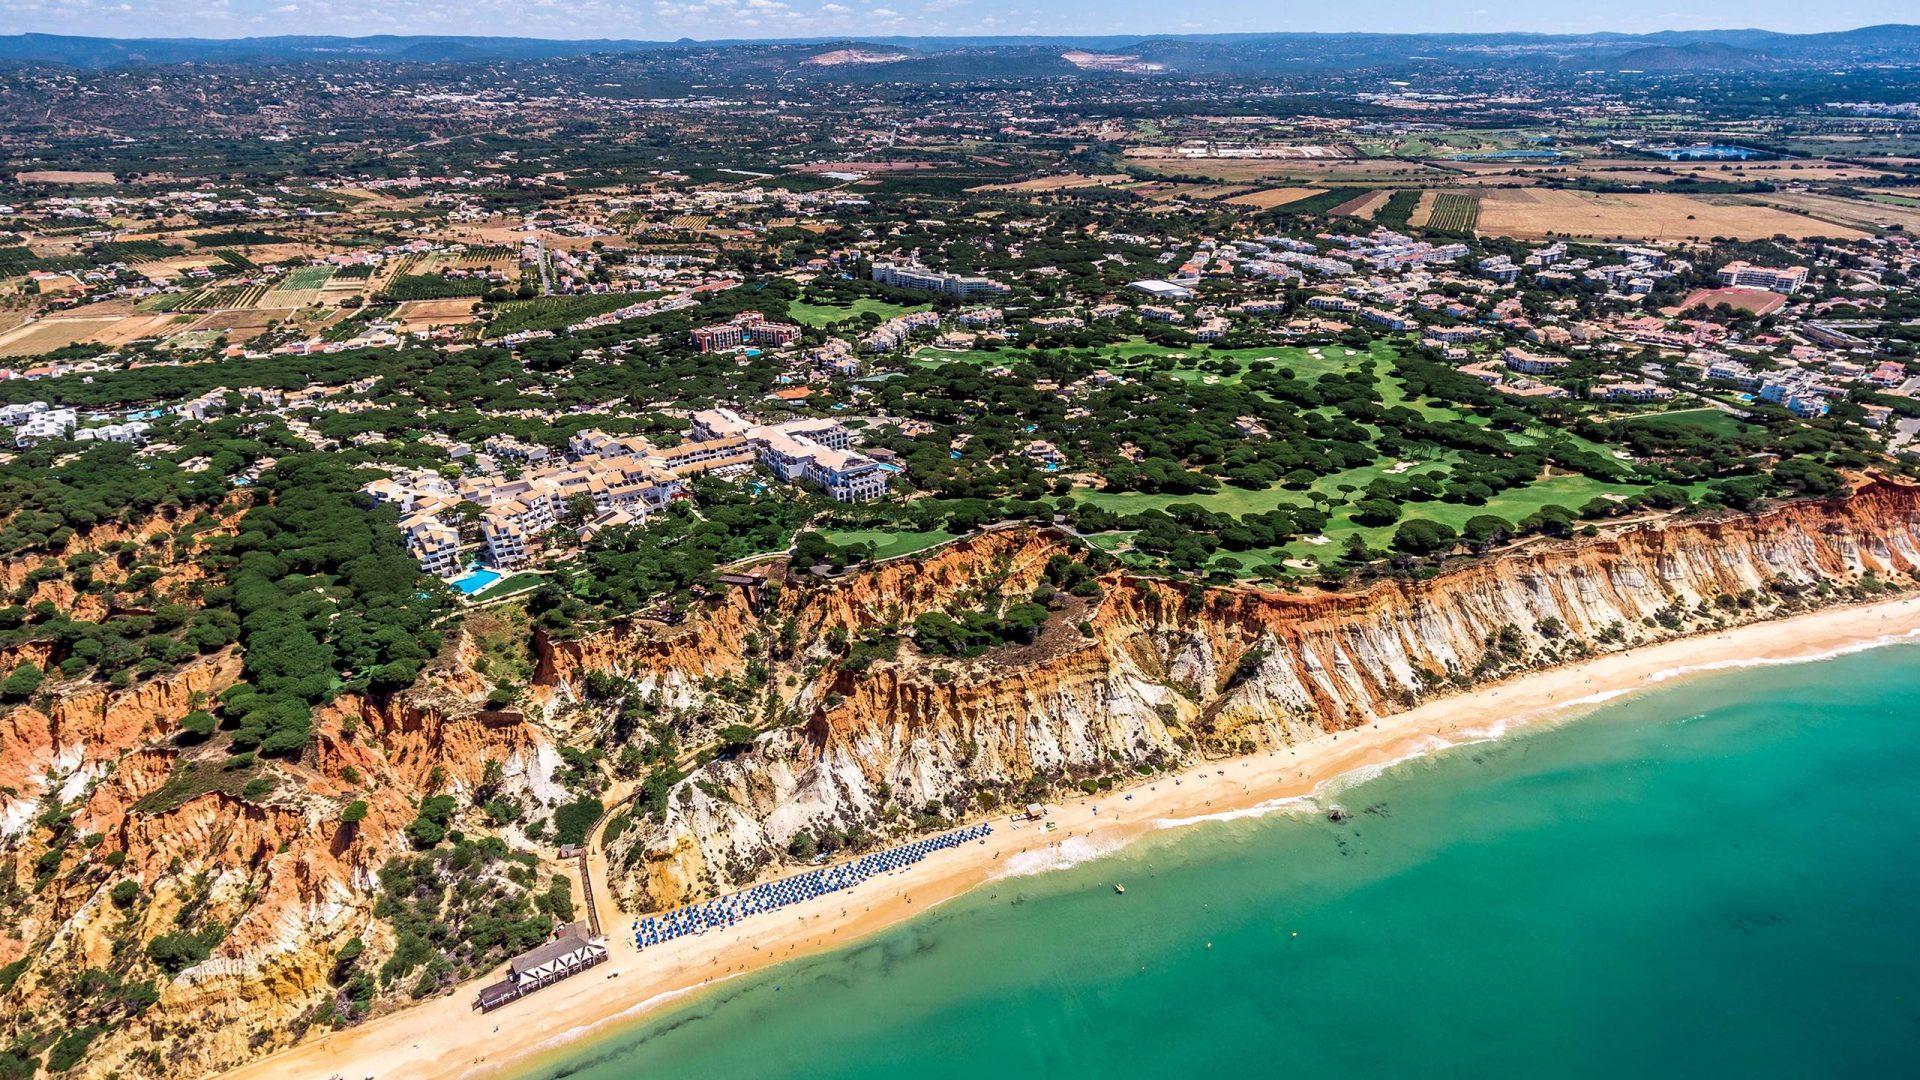 Nằm tại bãi biển xinh đẹp vùng Algarve.